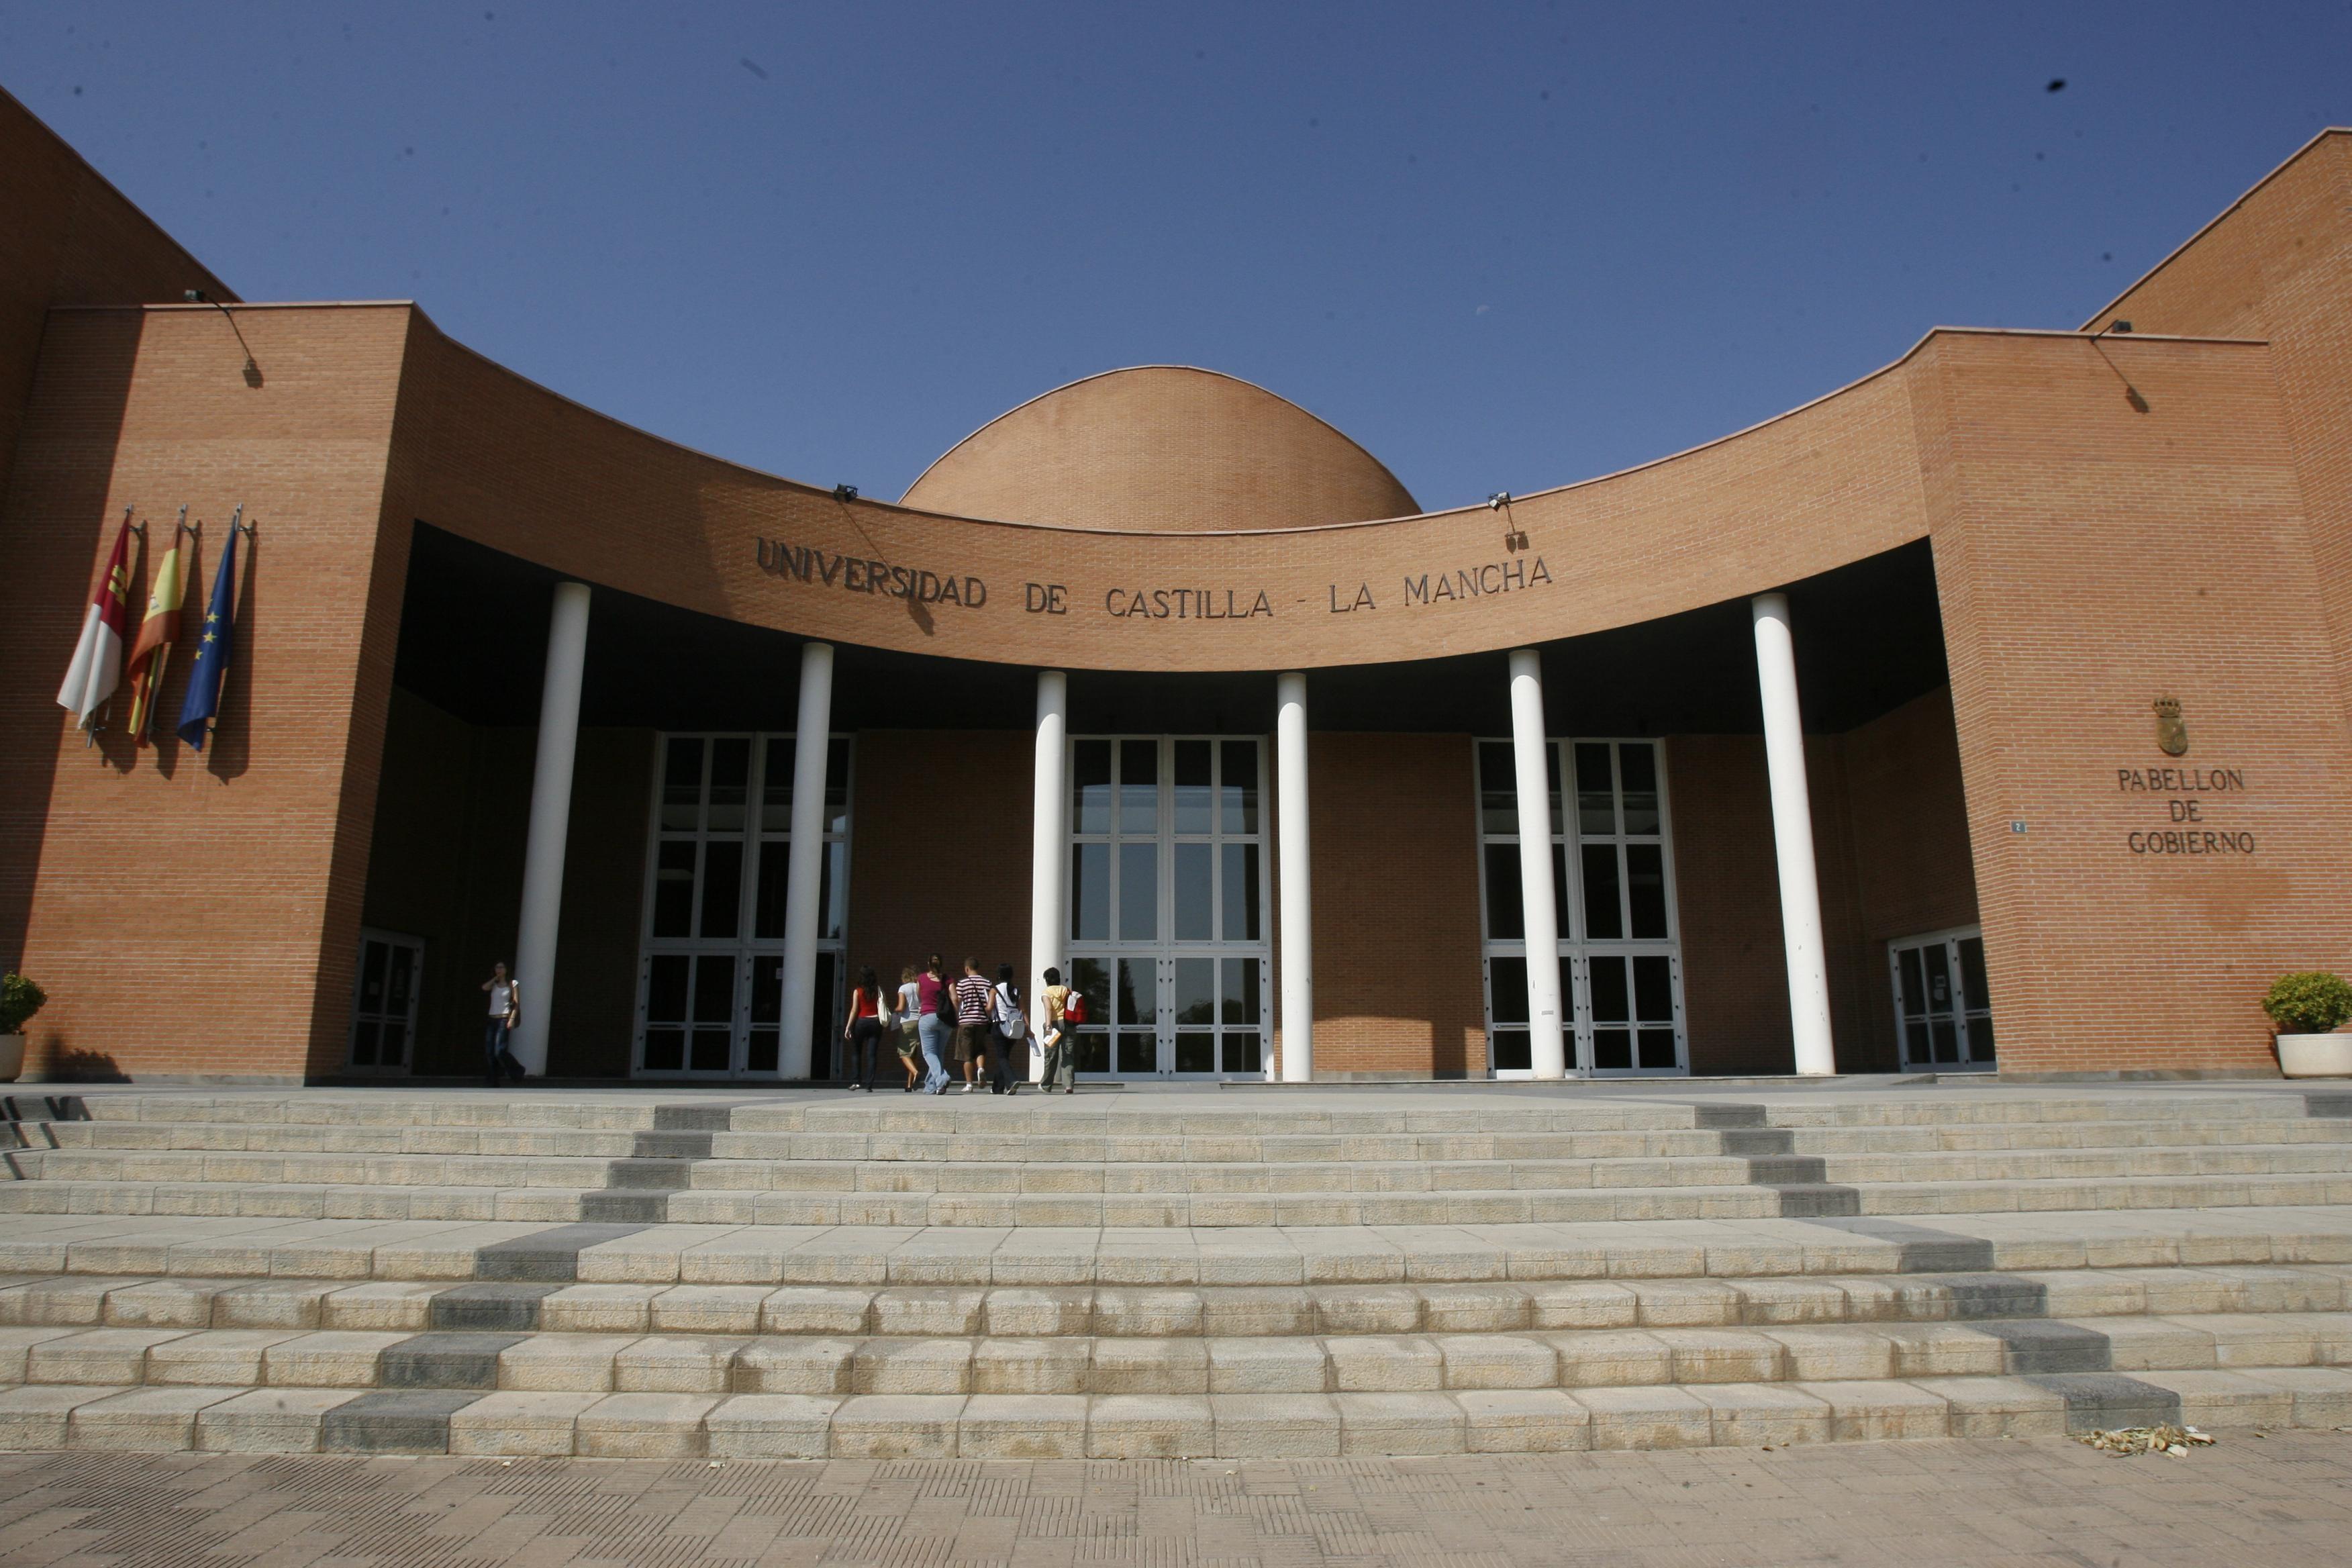 El rector de la UCLM preside este miércoles la inauguración del curso académico 2013-2014 en el Campus de Albacete